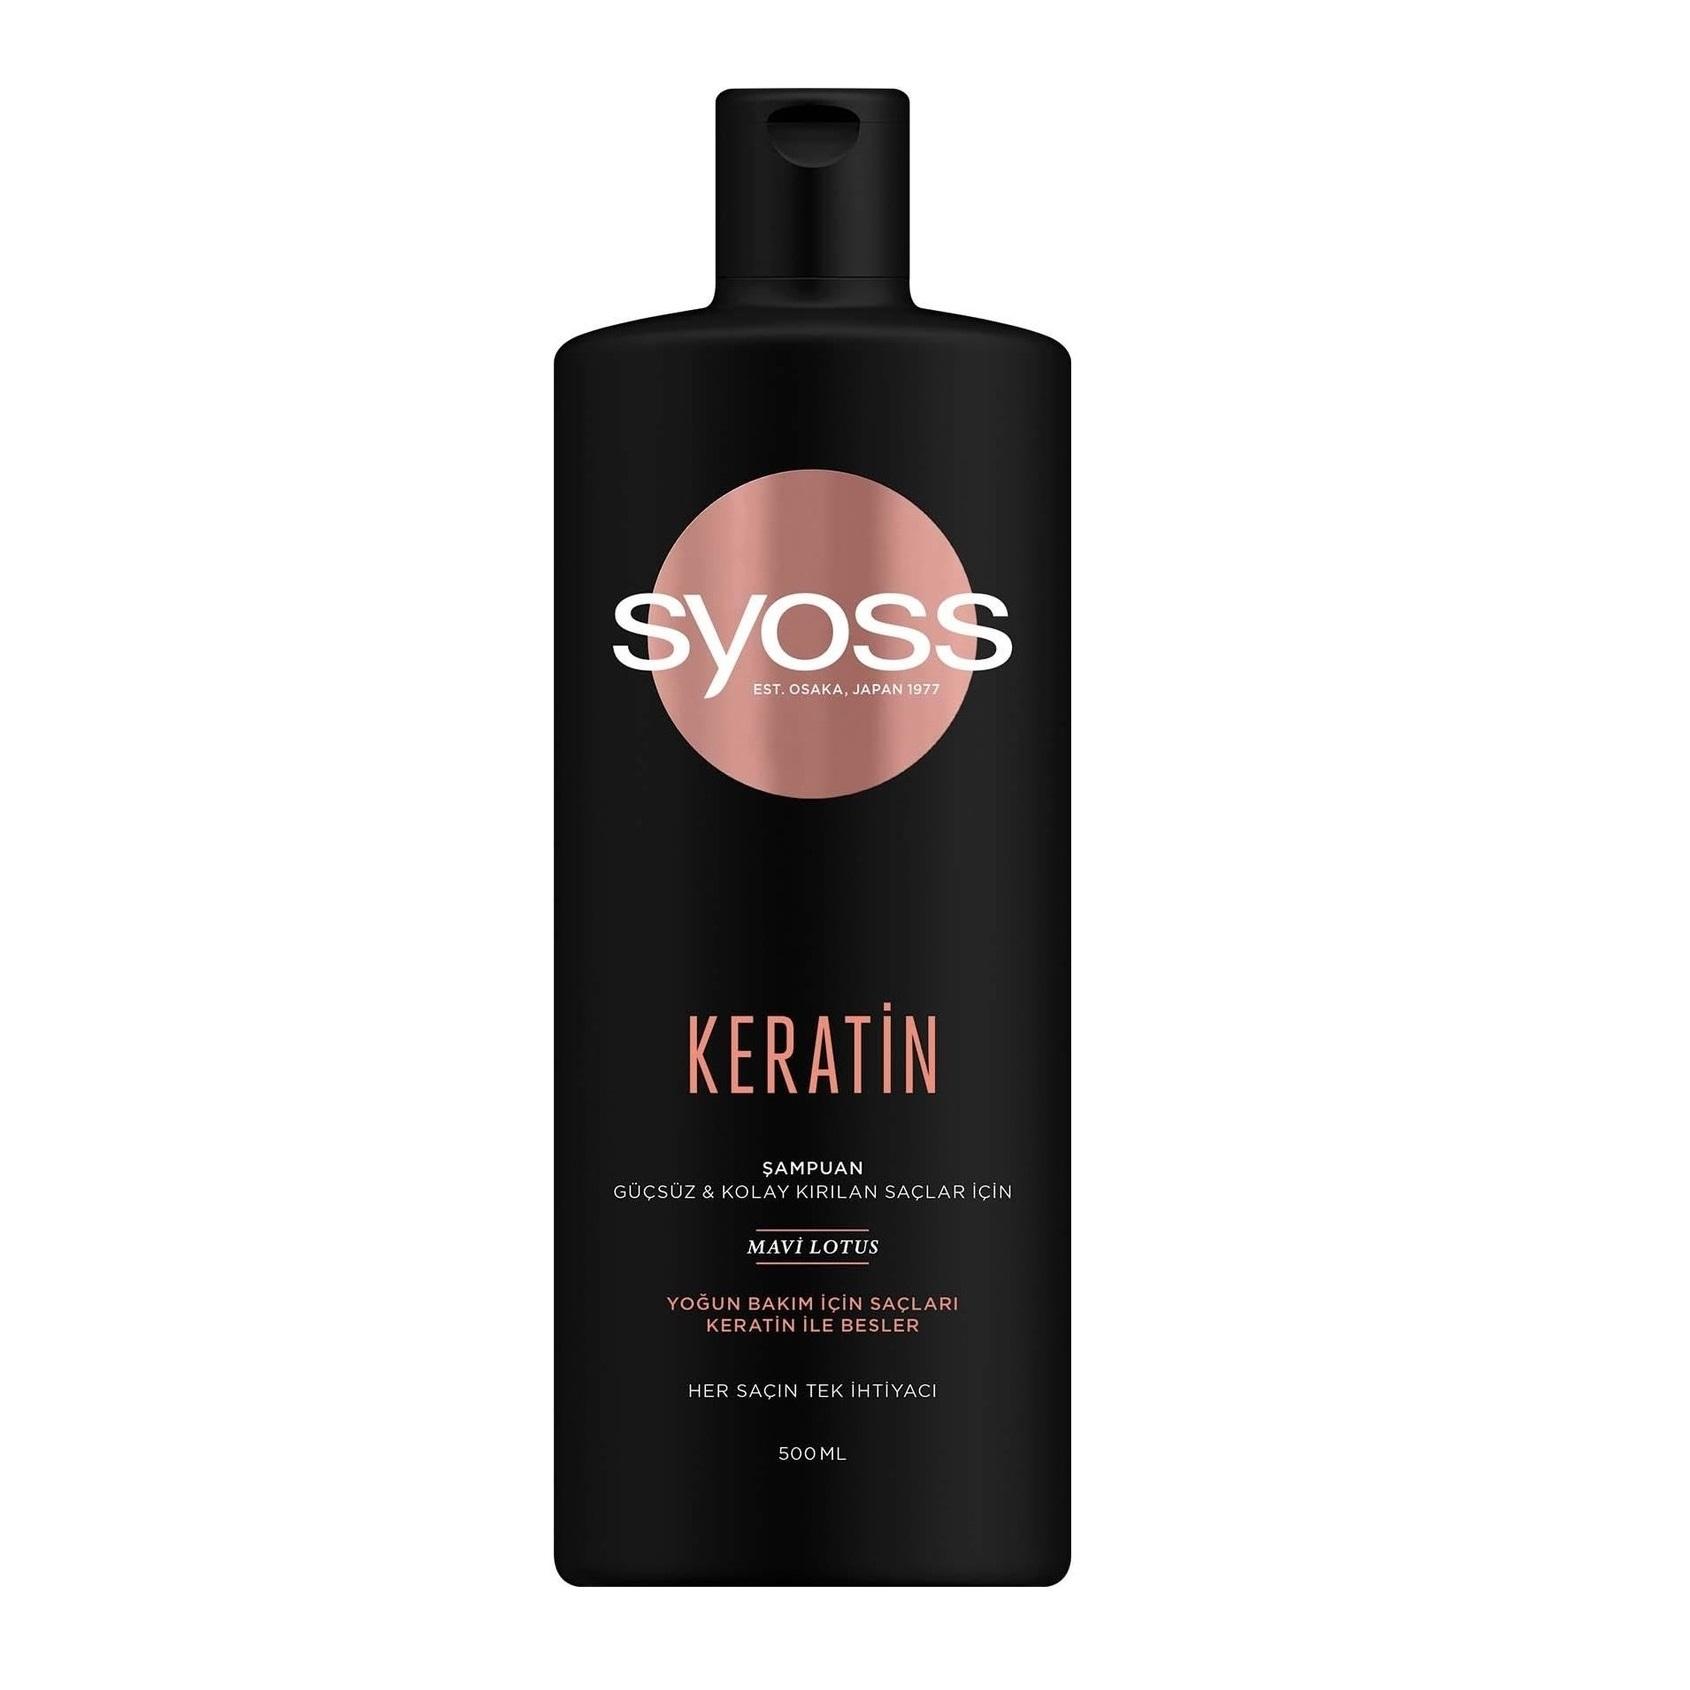 شامپو سایوس حاوی کراتین مناسب موهای ضعیف و شکننده 500 میلی لیتر